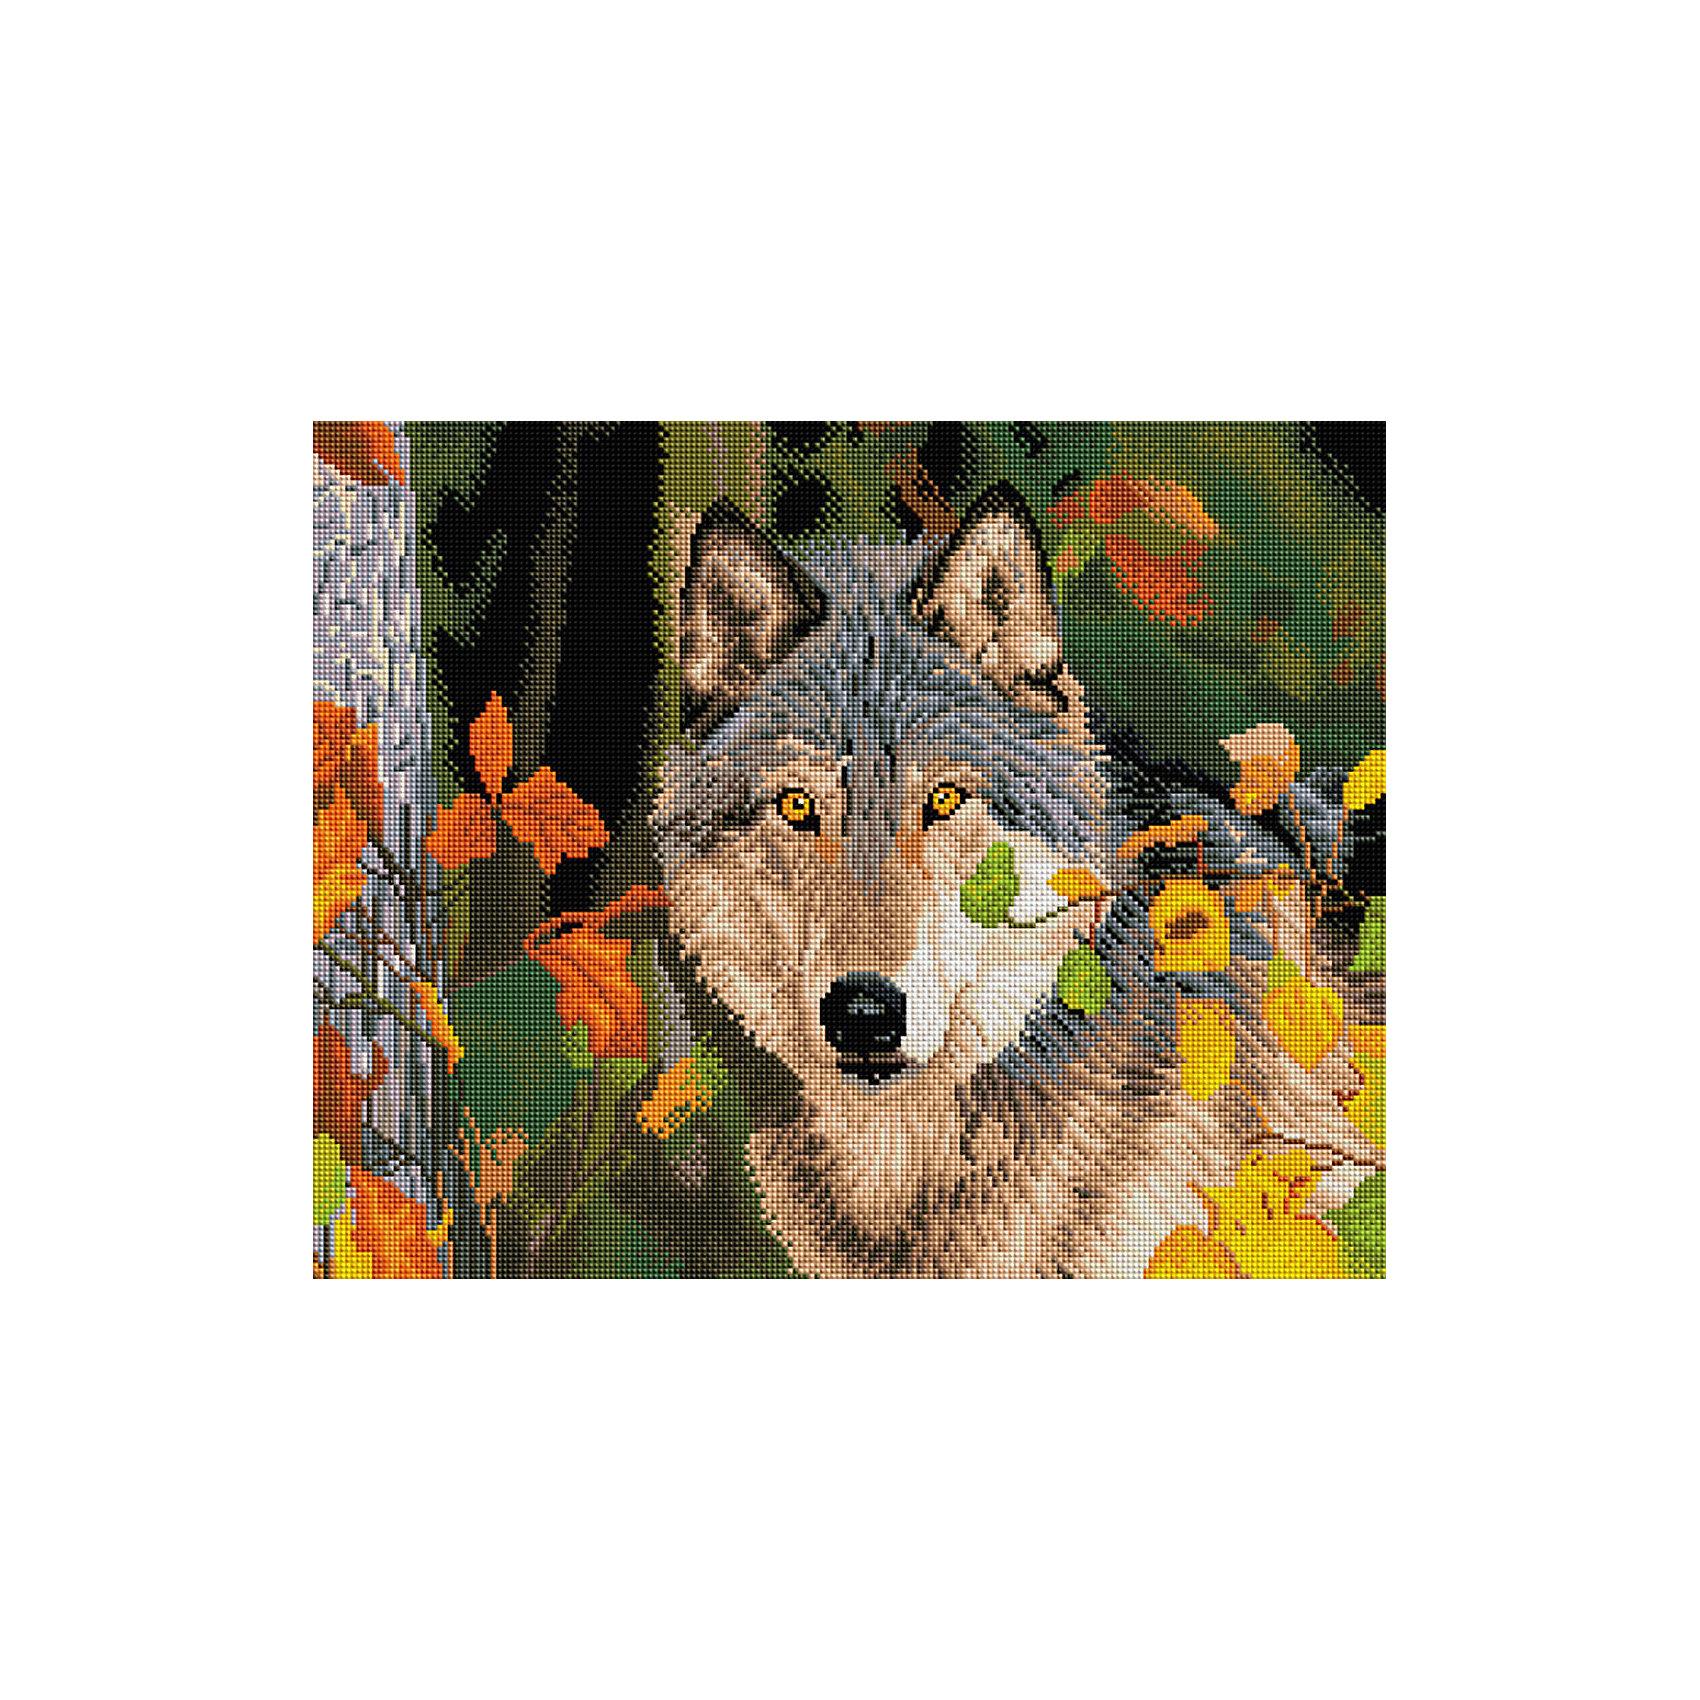 Алмазная мозаика Волк 40*50 смПоследняя цена<br>Характеристики:<br><br>• Предназначение: для занятий творчеством в технике алмазной живописи<br>• Тематика: Животные<br>• Пол: для девочек<br>• Уровень сложности: средний<br>• Материал: дерево, бумага, акрил, пластик<br>• Цвет: белый, серый, черный, оттенки коричневого и др.<br>• Количество цветов: 24<br>• Комплектация: холст на подрамнике, стразы, пинцет, карандаш для камней, клей, лоток для камней, инструкция<br>• Размеры (Ш*Д): 40*50 см<br>• Тип выкладки камней: сплошное заполнение рисунка<br>• Стразы квадратной формы <br>• Вес: 900 г <br>• Упаковка: картонная коробка<br><br>Алмазная мозаика Волк 40*50 см – это набор для создания картины в технике алмазной живописи. Набор для творчества включает в себя холст, на который нанесена схема рисунка, комплекта разноцветных страз квадратной формы, подрамника и инструментов для выкладки узора. Все использованные в наборе материалы экологичные и нетоксичные. Картина выполняется в технике сплошного заполнения декоративными элементами поверхности холста, что обеспечивает высокую реалистичность рисунка. На схеме изображен волк в осеннем лесу. <br>Готовые наборы для алмазной мозаики – это оптимальный вариант для любителей рукоделия, так как в них предусмотрены все материалы в требуемом для изготовления картины количестве. Занятия алмазной живописью позволят развивать навыки чтения схем, выполнения заданий по образцу, будут способствовать внимательности, терпению и развитию мелкой моторики. <br>Наборы алмазной мозаики могут быть преподнесены в качестве подарка не только девочкам, но и взрослым любительницам рукоделия.<br><br>Алмазную мозаику Волк 40*50 см можно купить в нашем интернет-магазине.<br><br>Ширина мм: 420<br>Глубина мм: 520<br>Высота мм: 50<br>Вес г: 900<br>Возраст от месяцев: 96<br>Возраст до месяцев: 2147483647<br>Пол: Женский<br>Возраст: Детский<br>SKU: 5217144